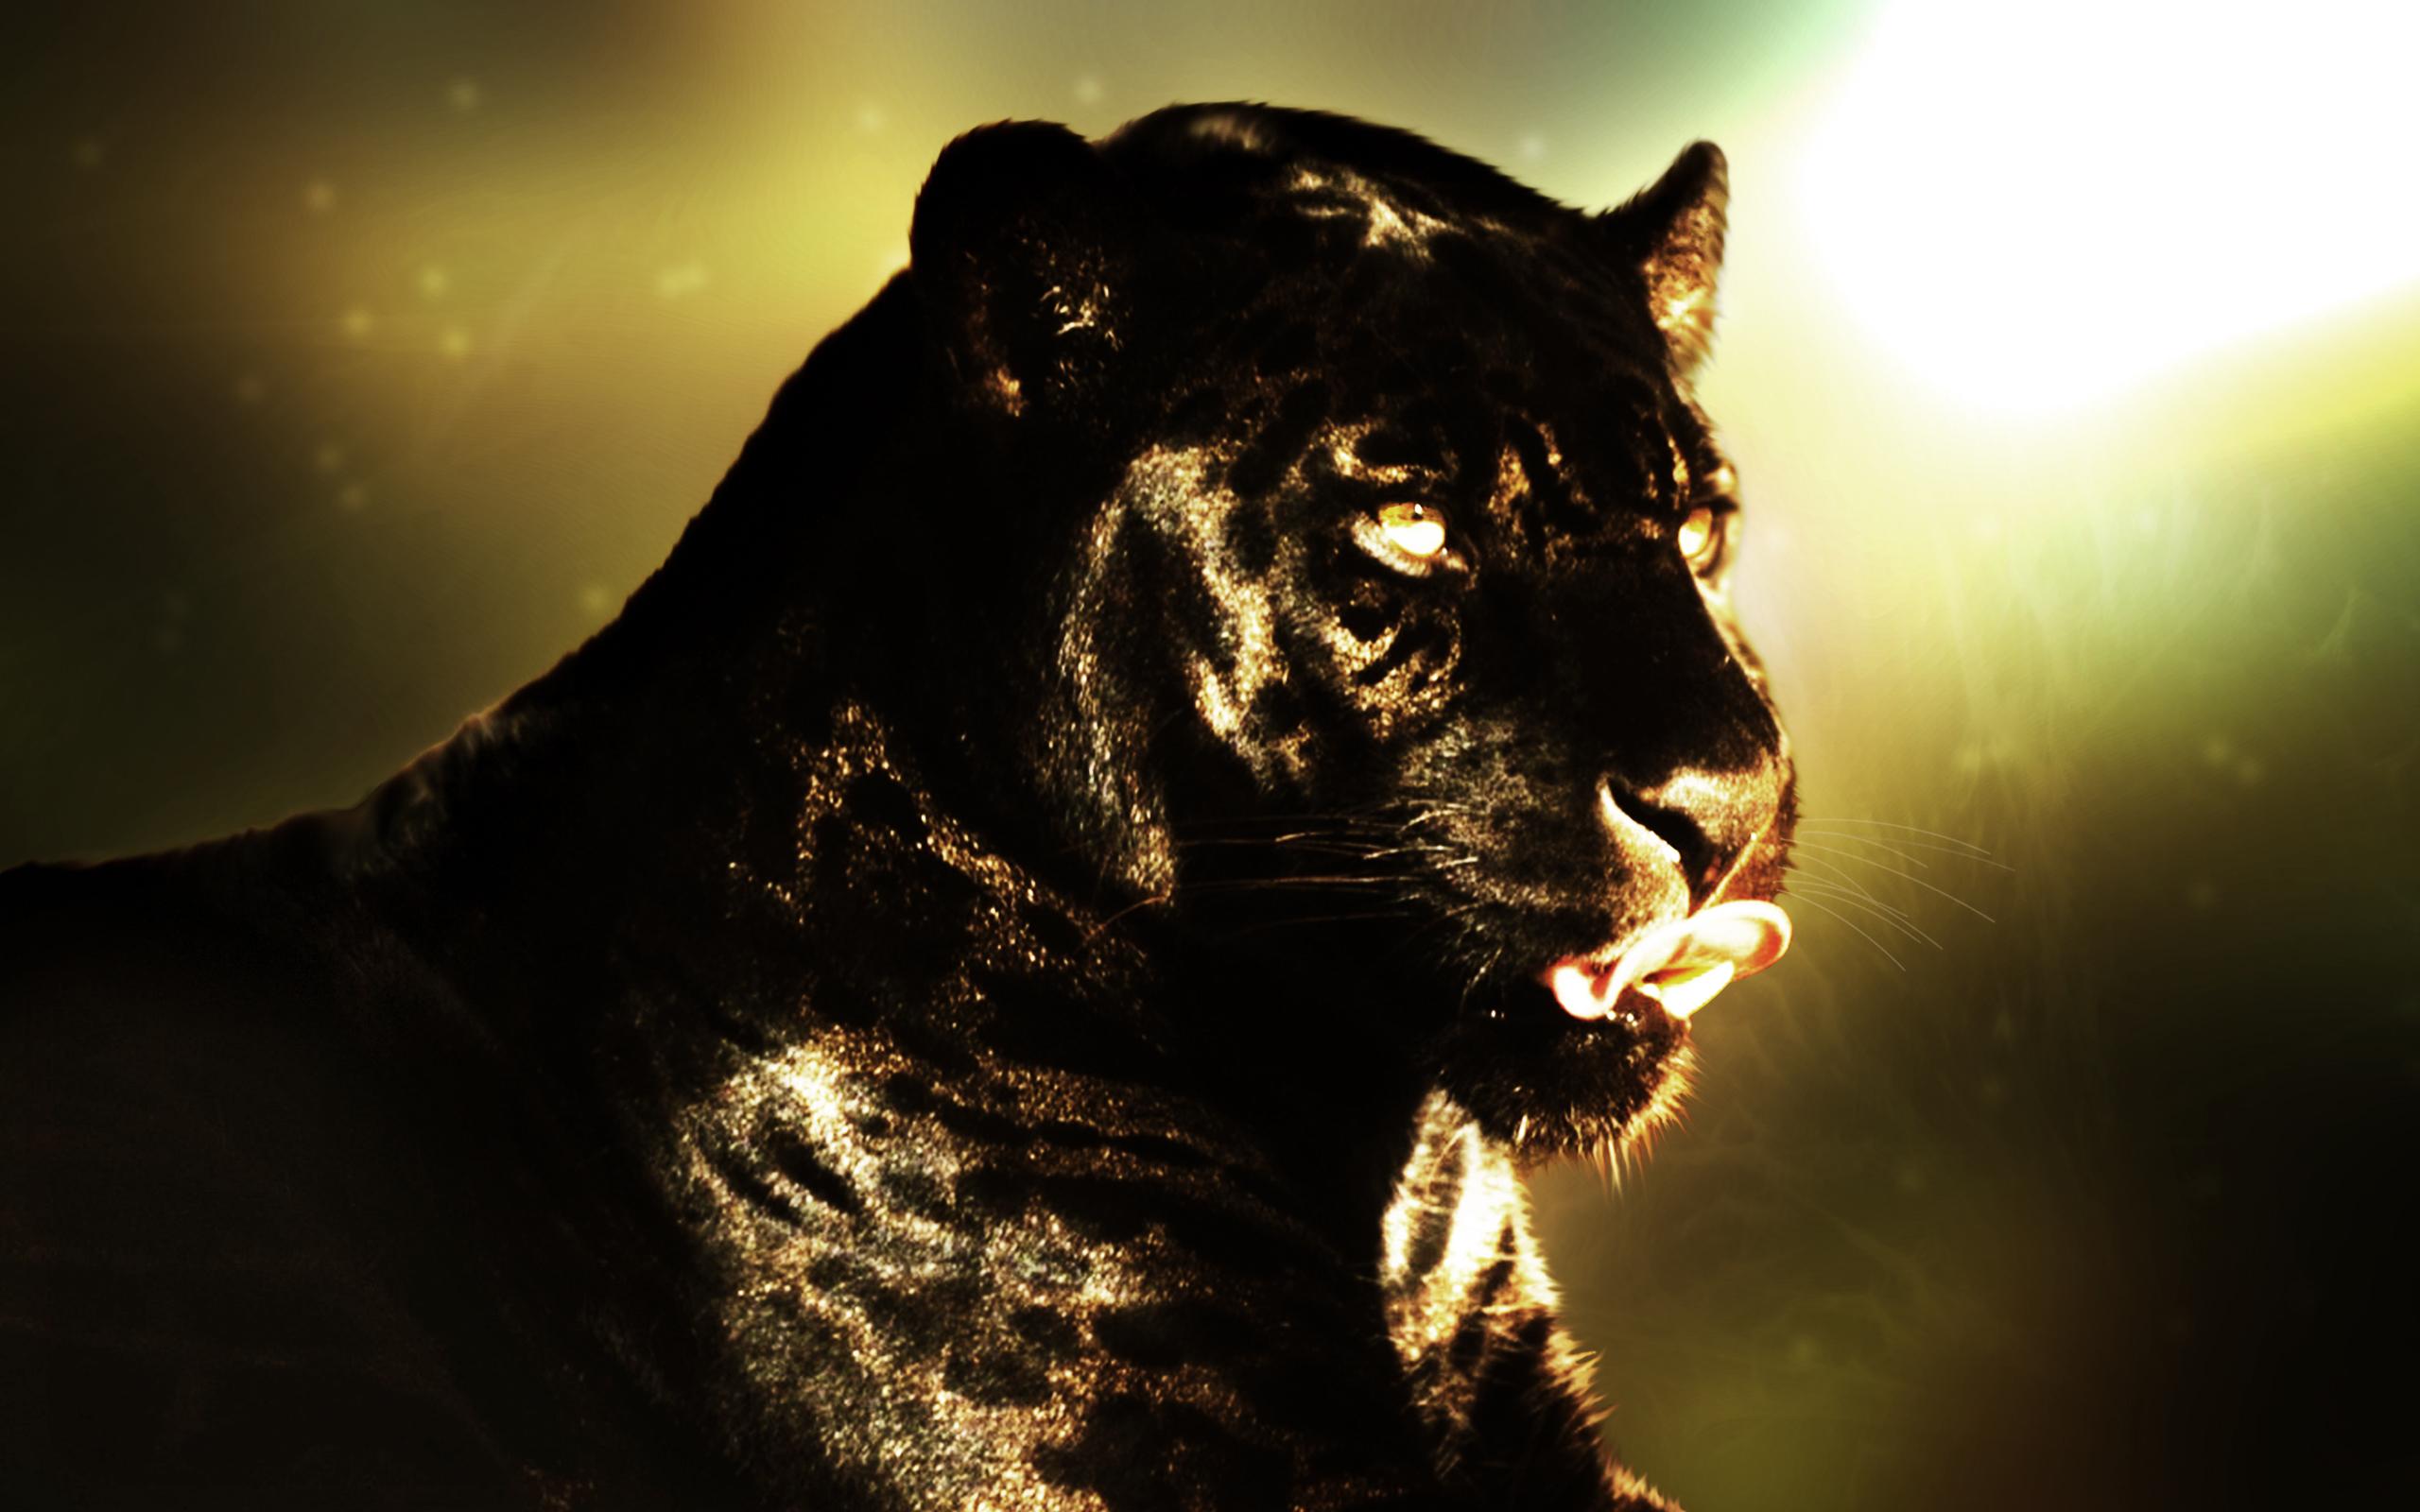 Black jaguar animal wallpaper